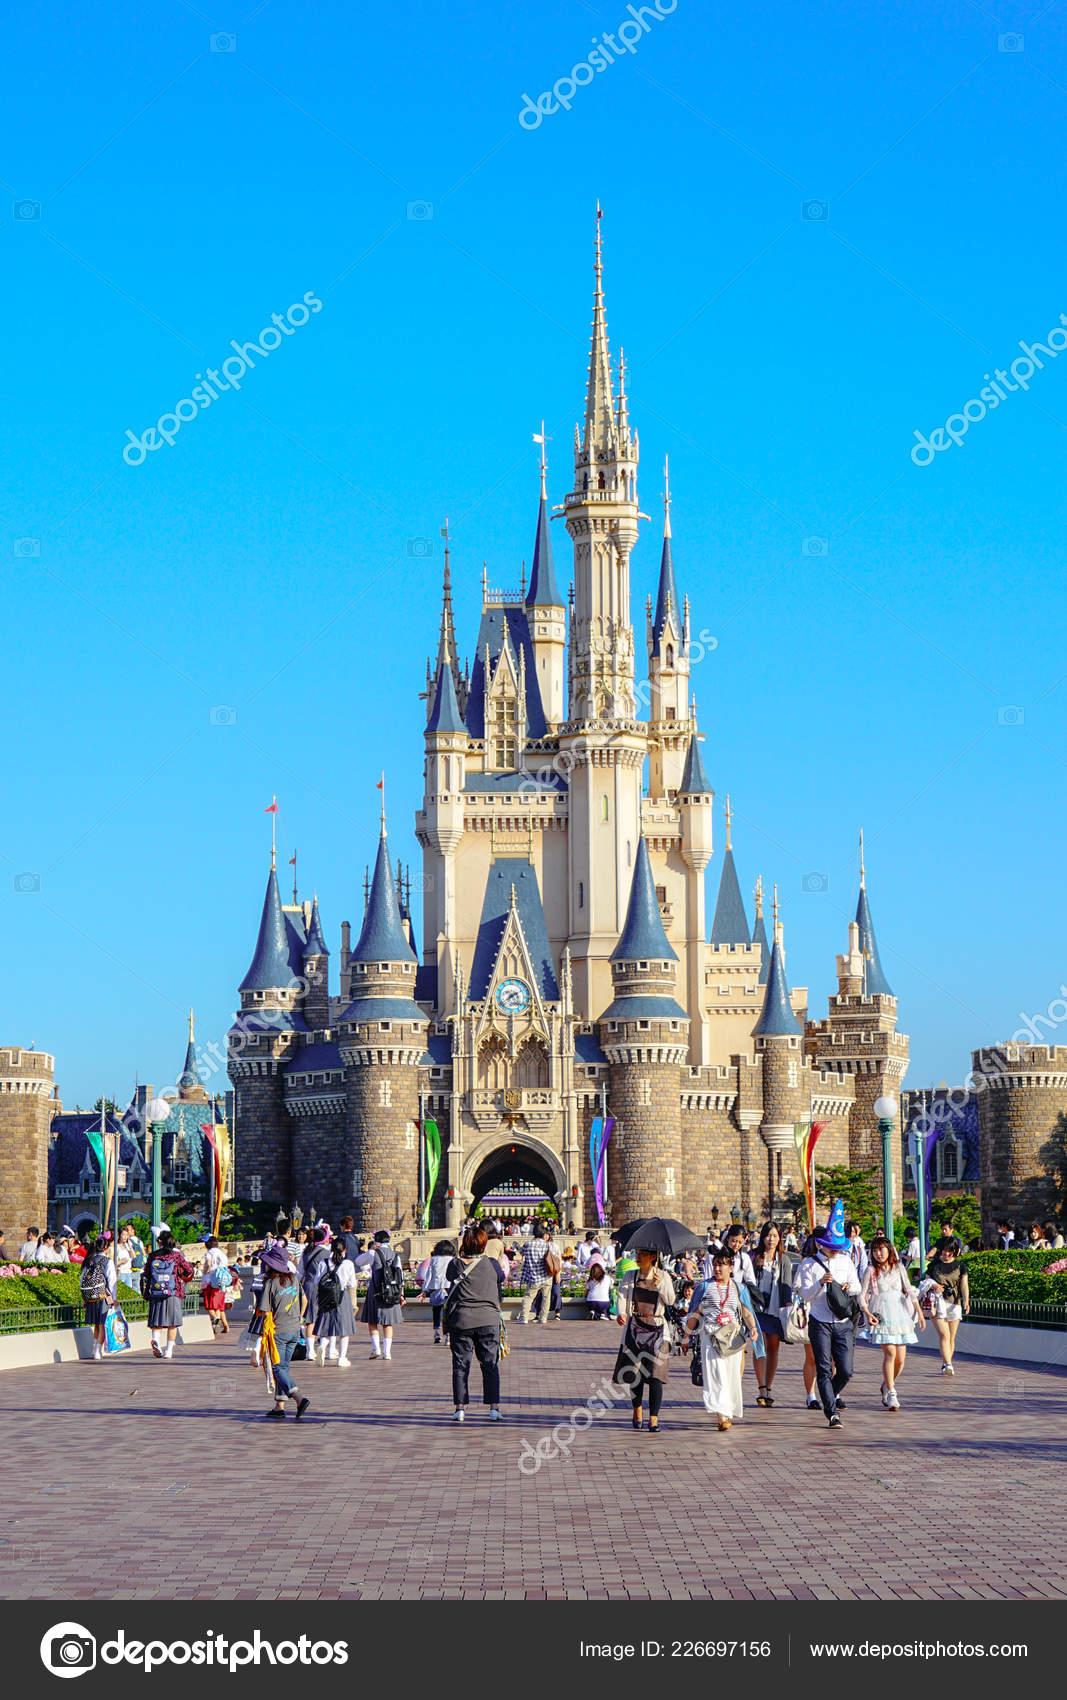 Beautiful Cinderella Castle Icon Tokyo Disneyland Tokyo Disney